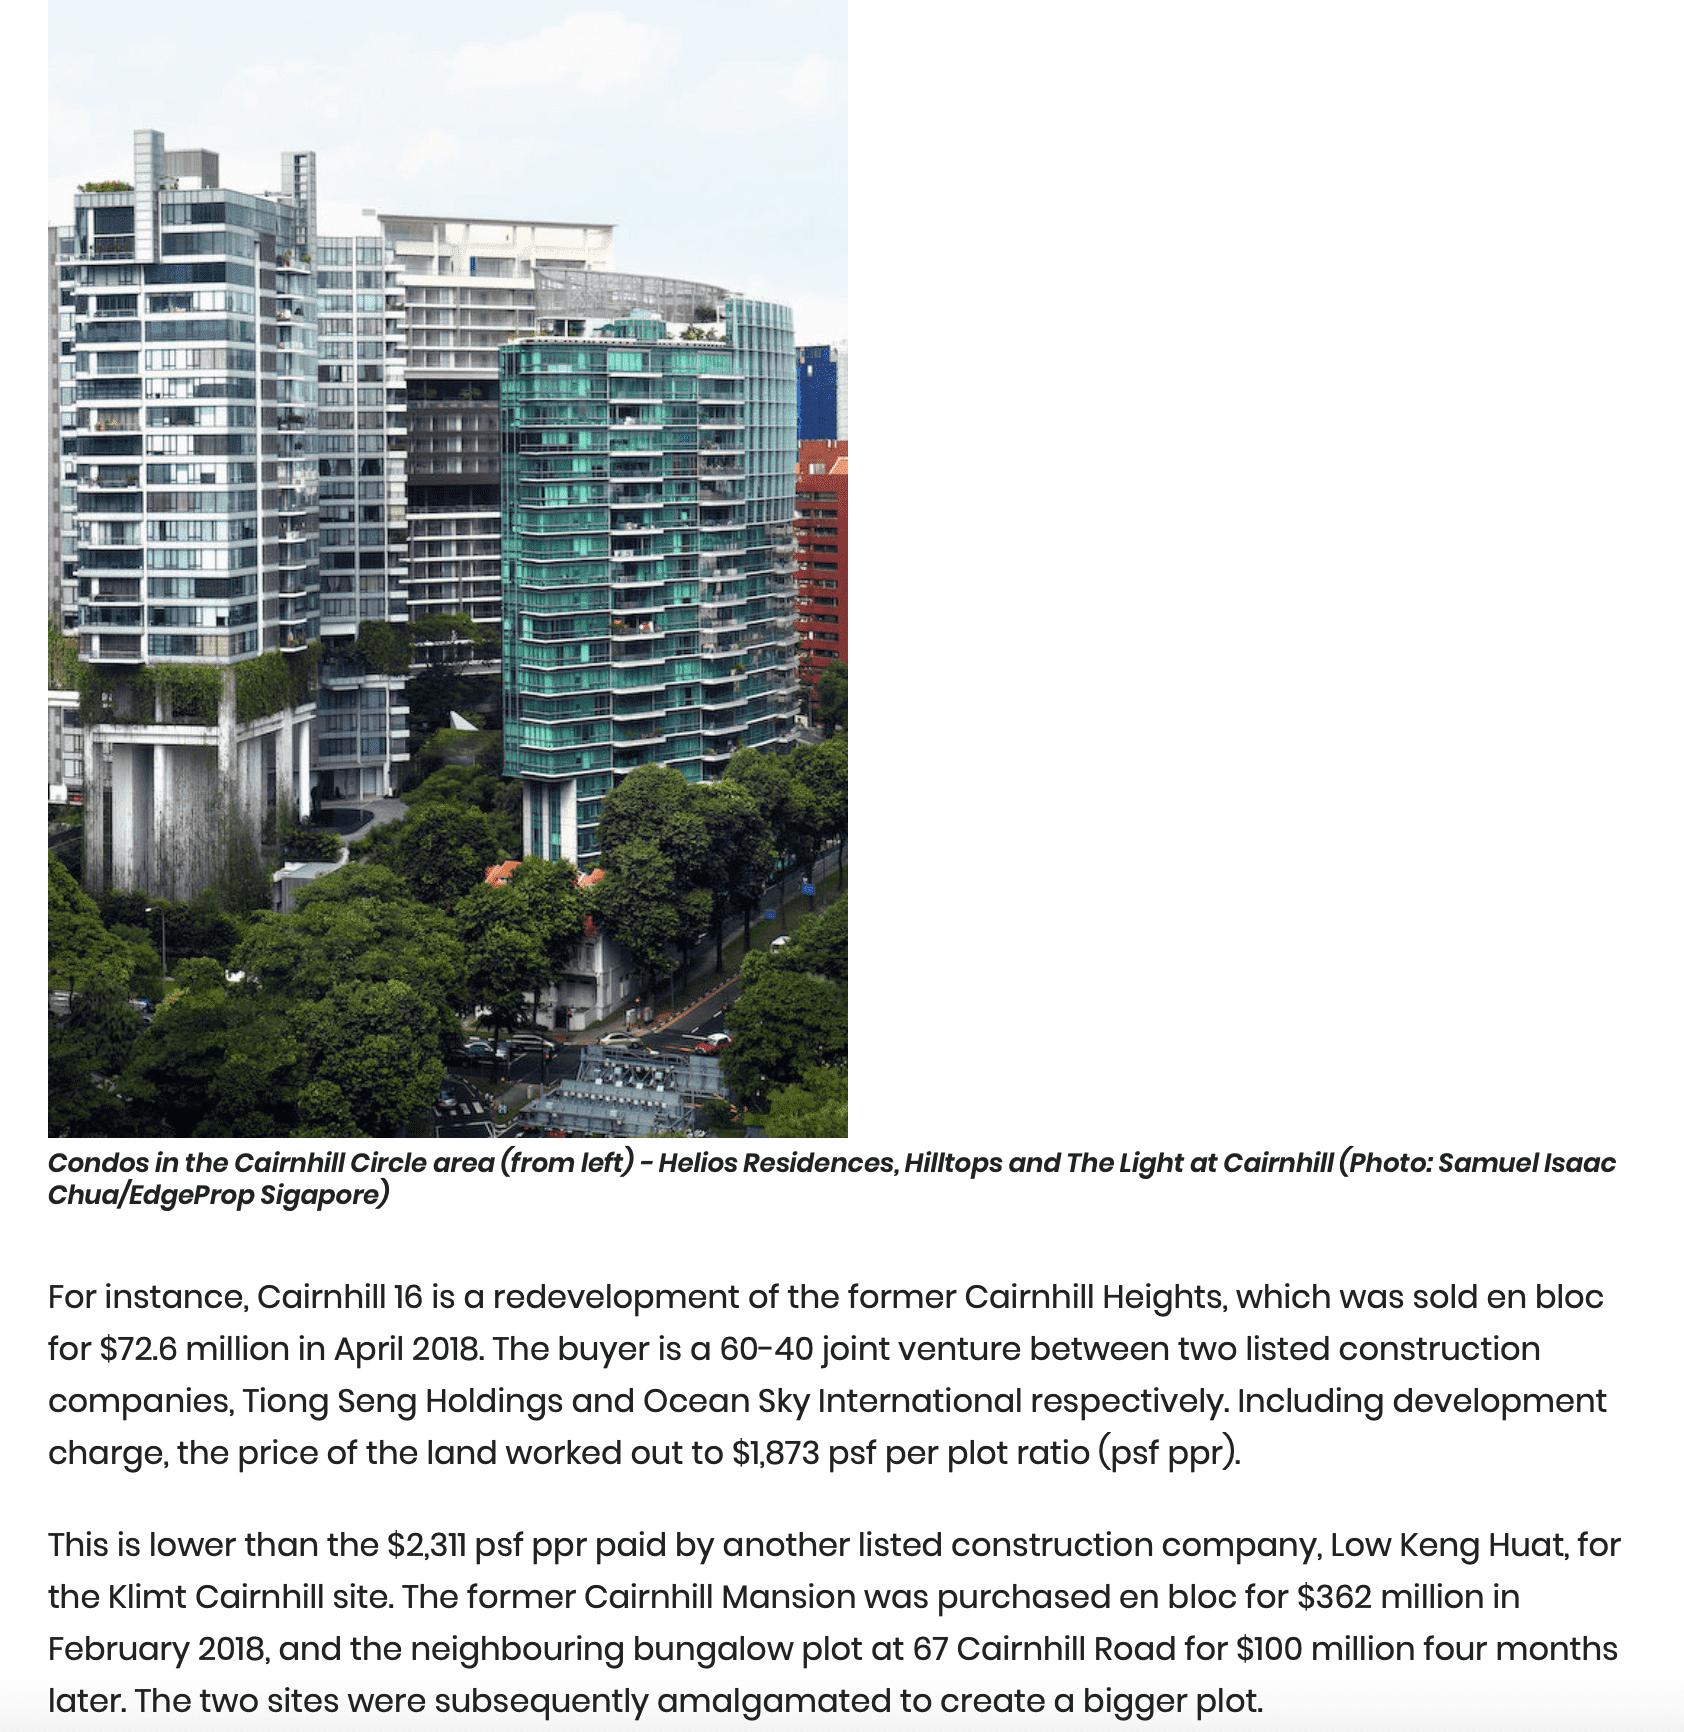 covid-19-may-amplify-attractiveness-spore-real-estate